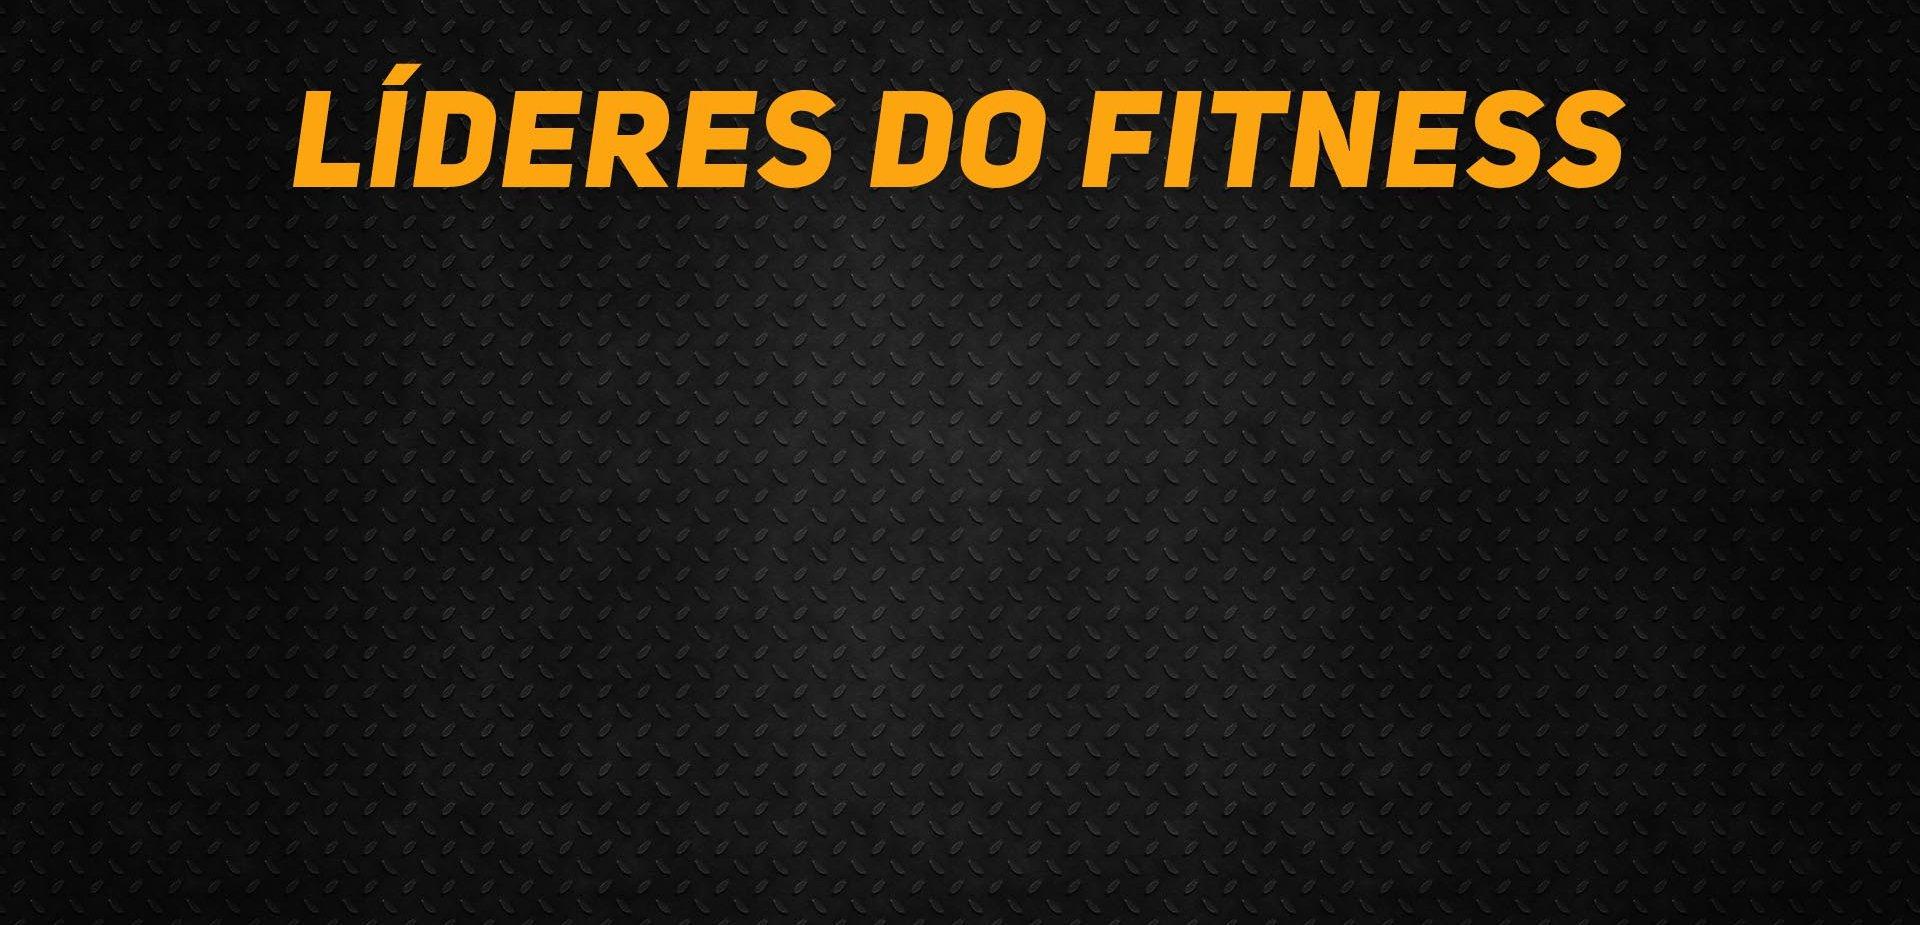 Líderes do Fitness com Manuel Rodrigues (Plenaphorma)